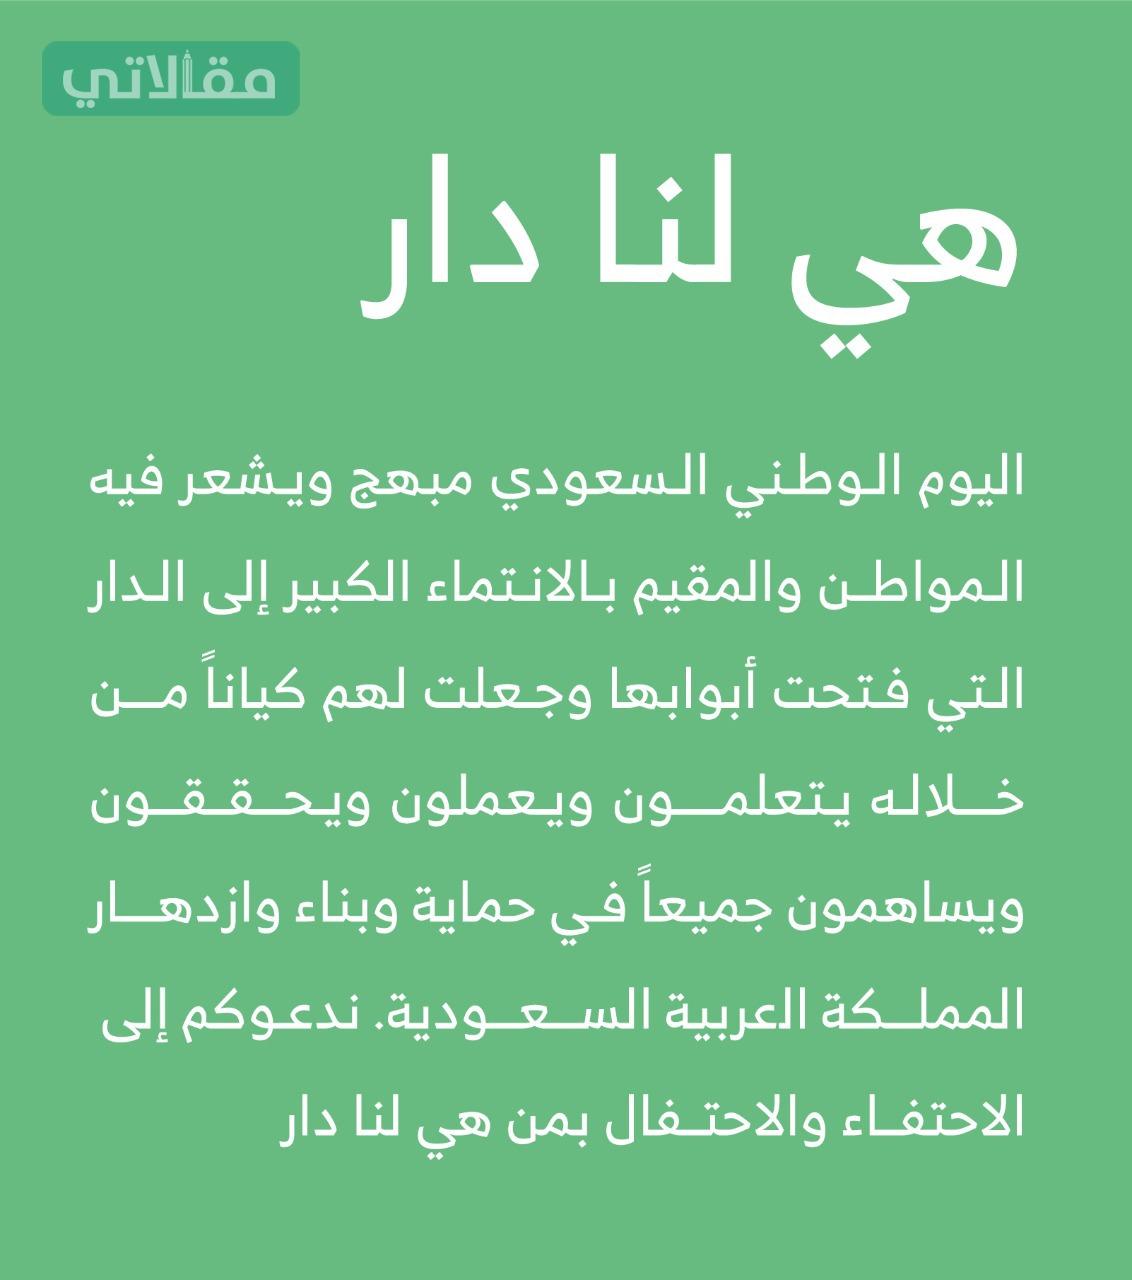 عبارات عن اليوم الوطني للمملكة العربية السعودية